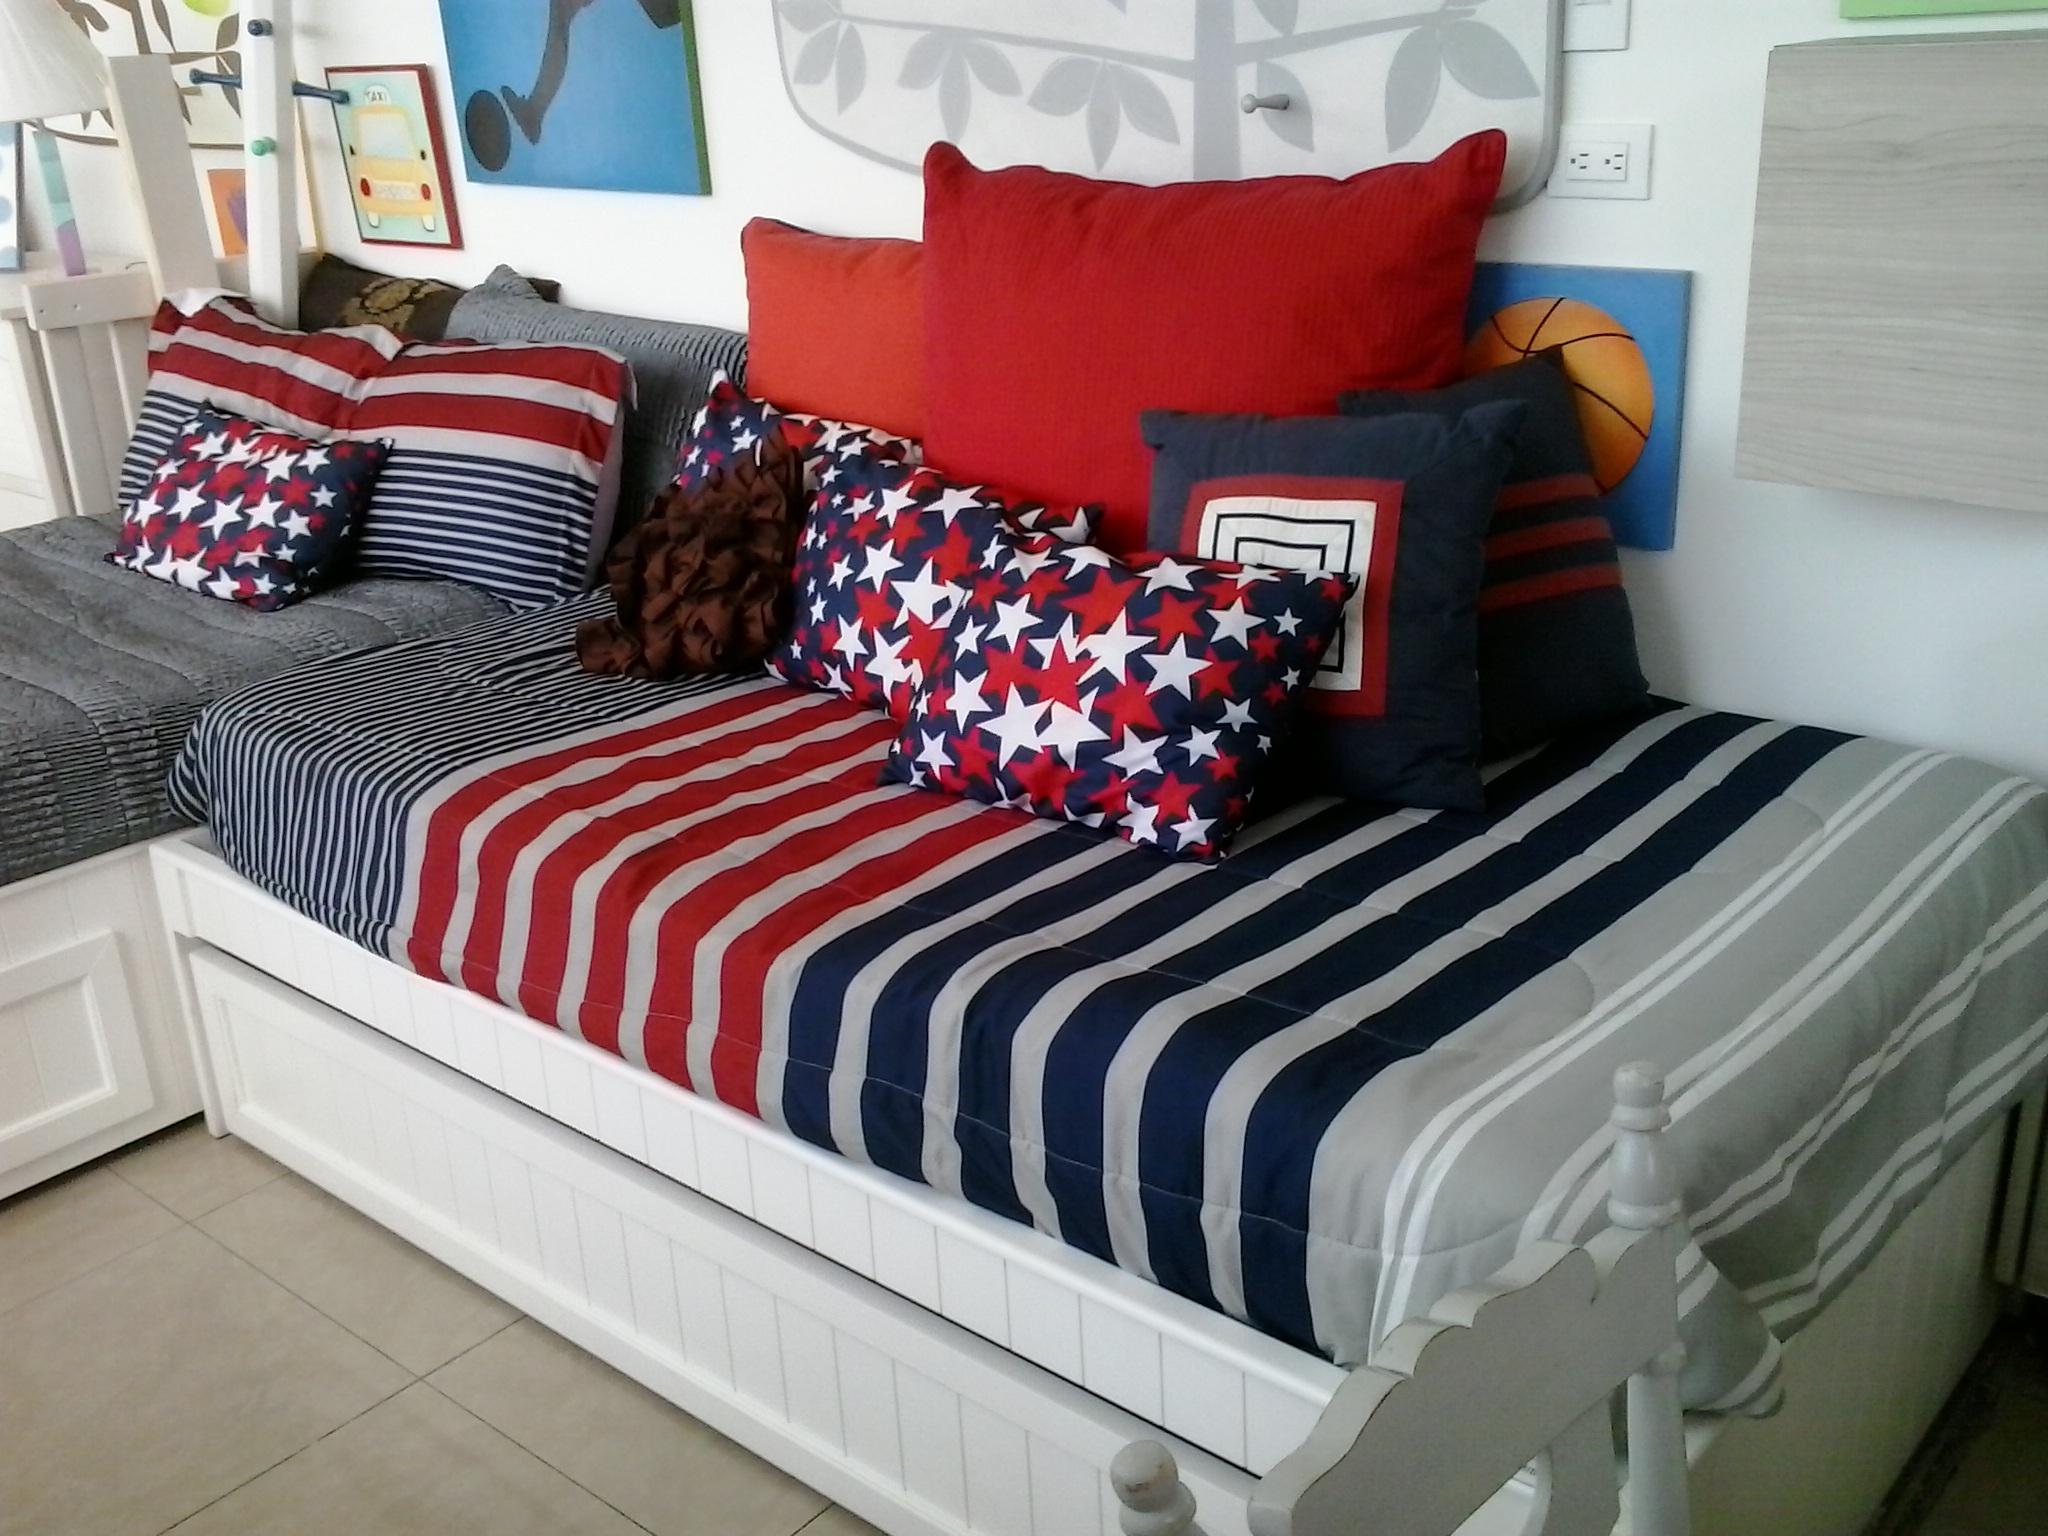 Fotos gratis : cabaña, mueble, habitación, almohada, Cuarto, colchón ...